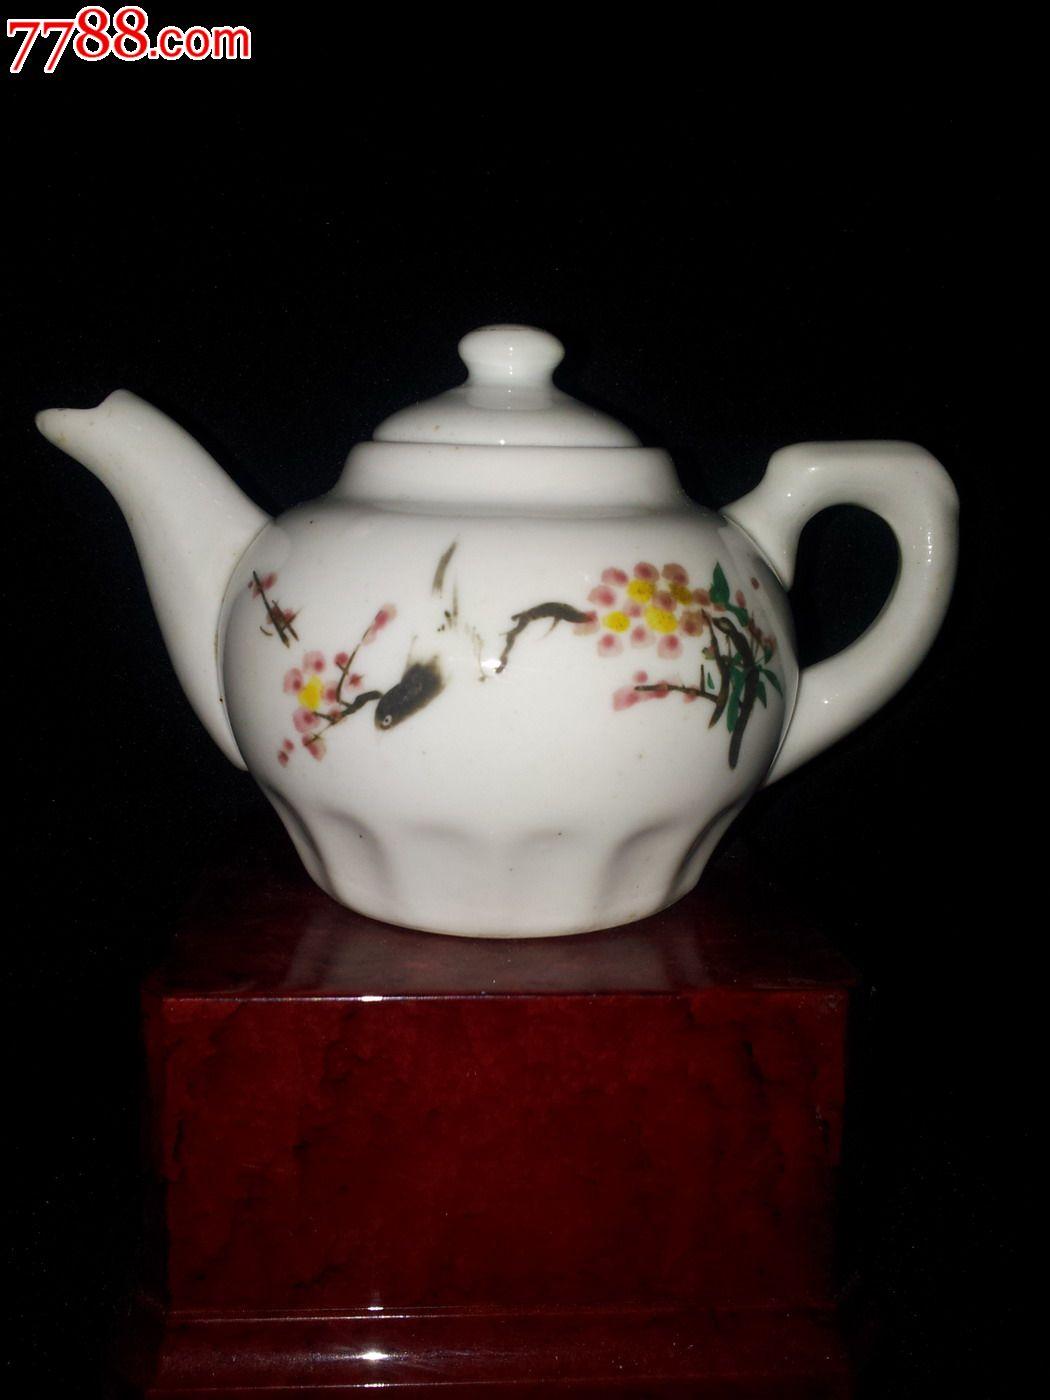 手绘图案茶壶